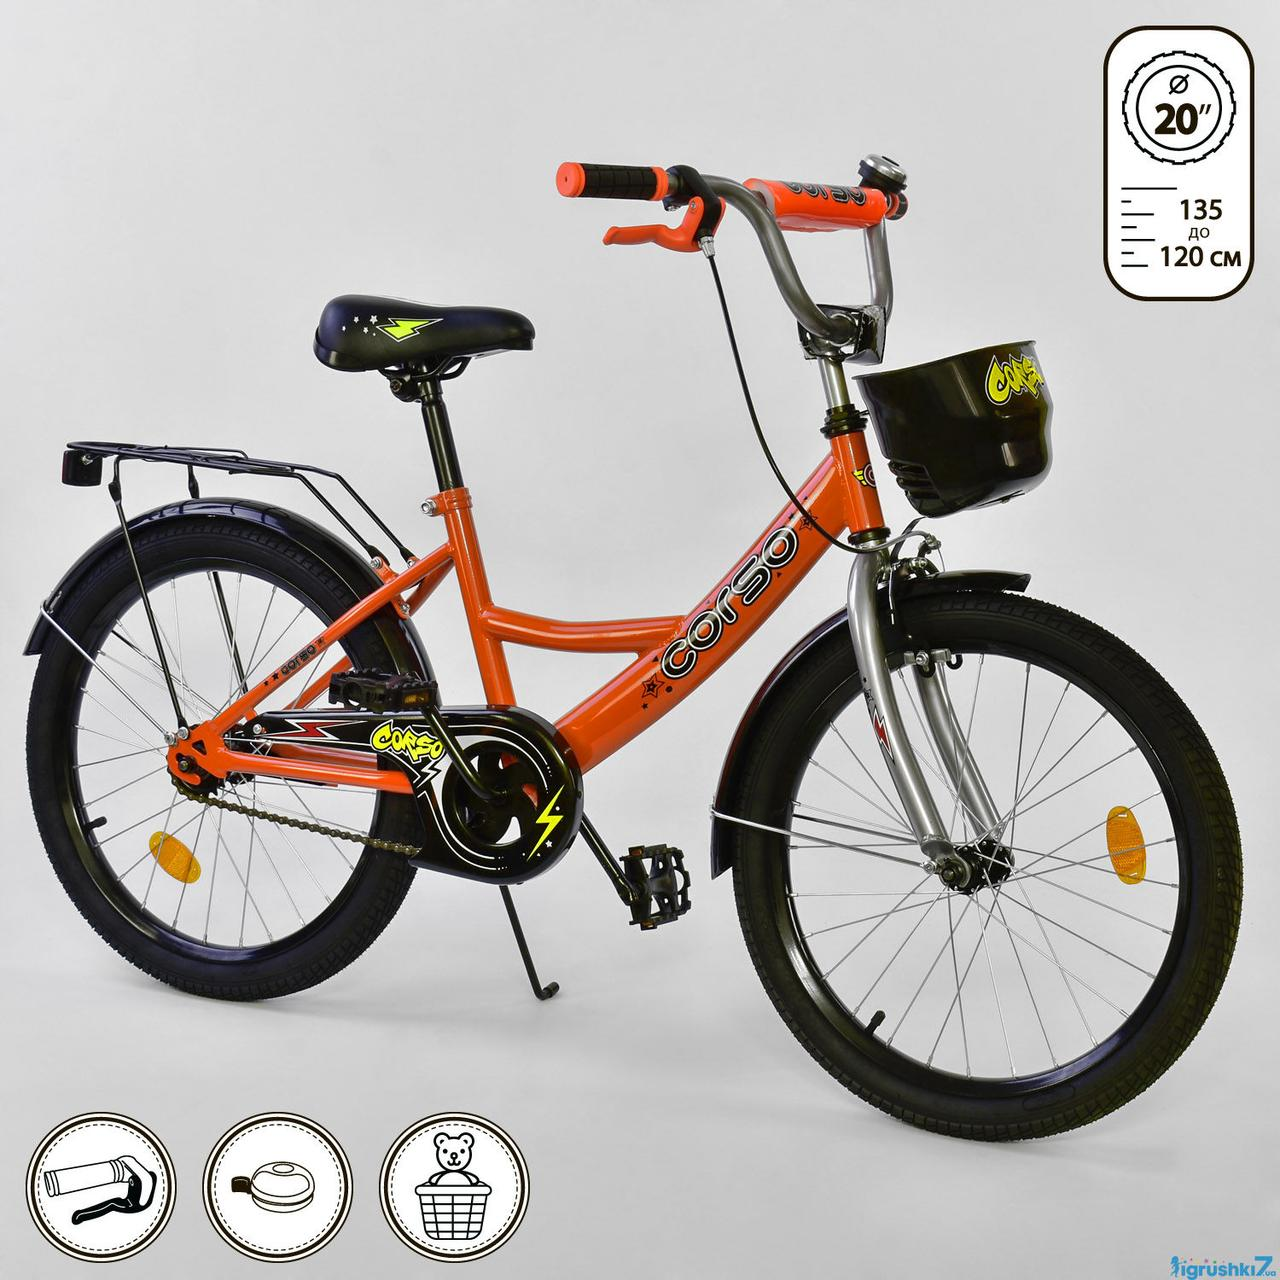 Велосипед двухколесный детский Corso 20 дюймов (6-11 лет) Пром